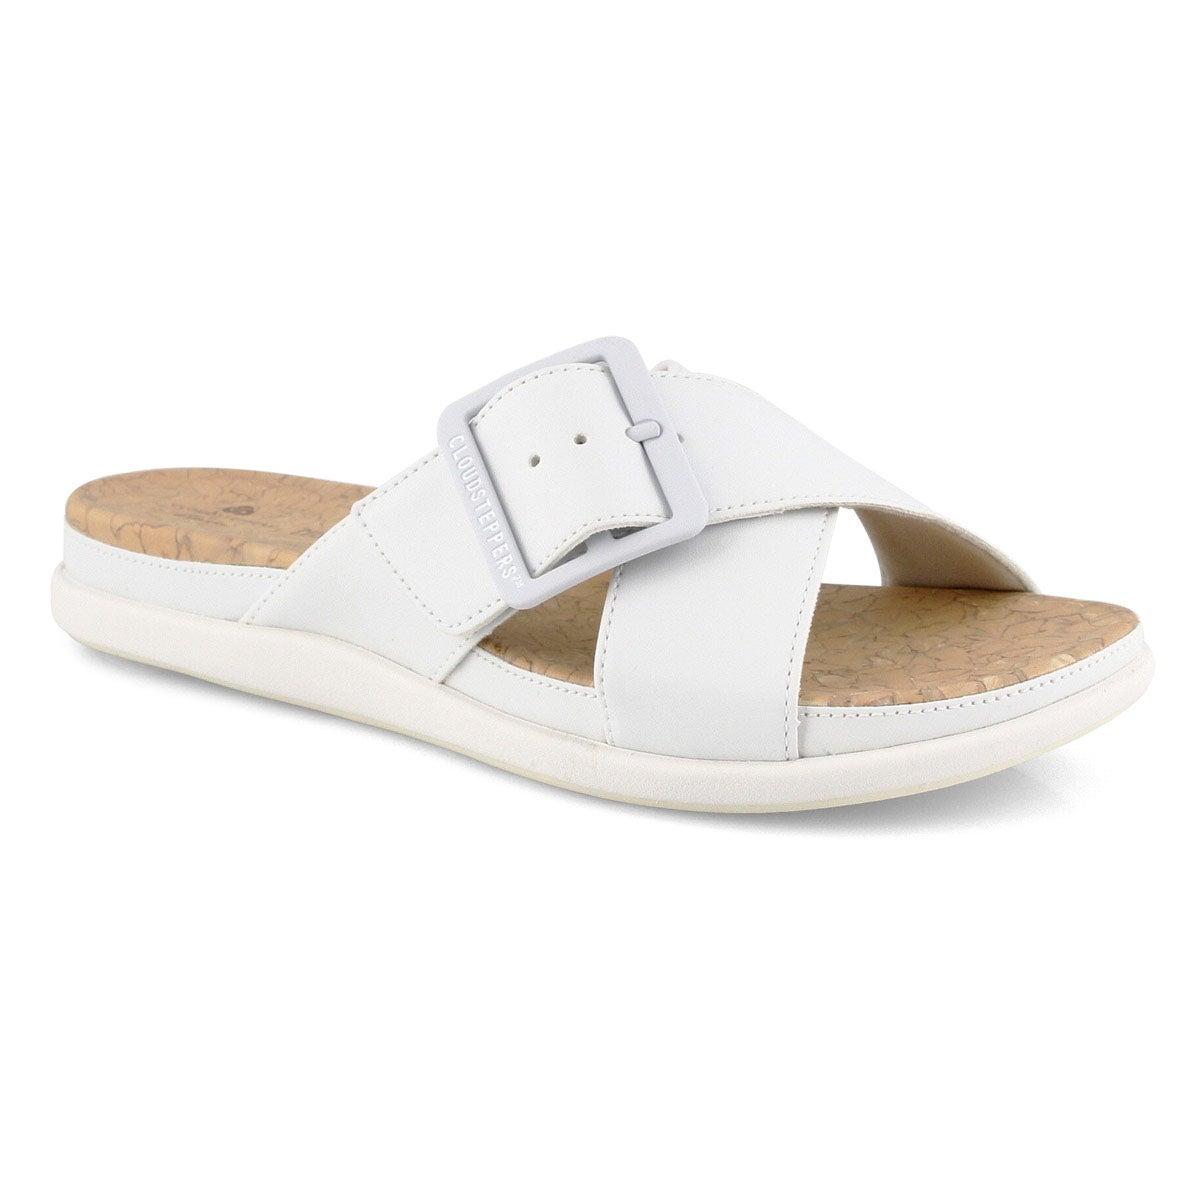 Sandale, Step June Shell, blanc, femmes